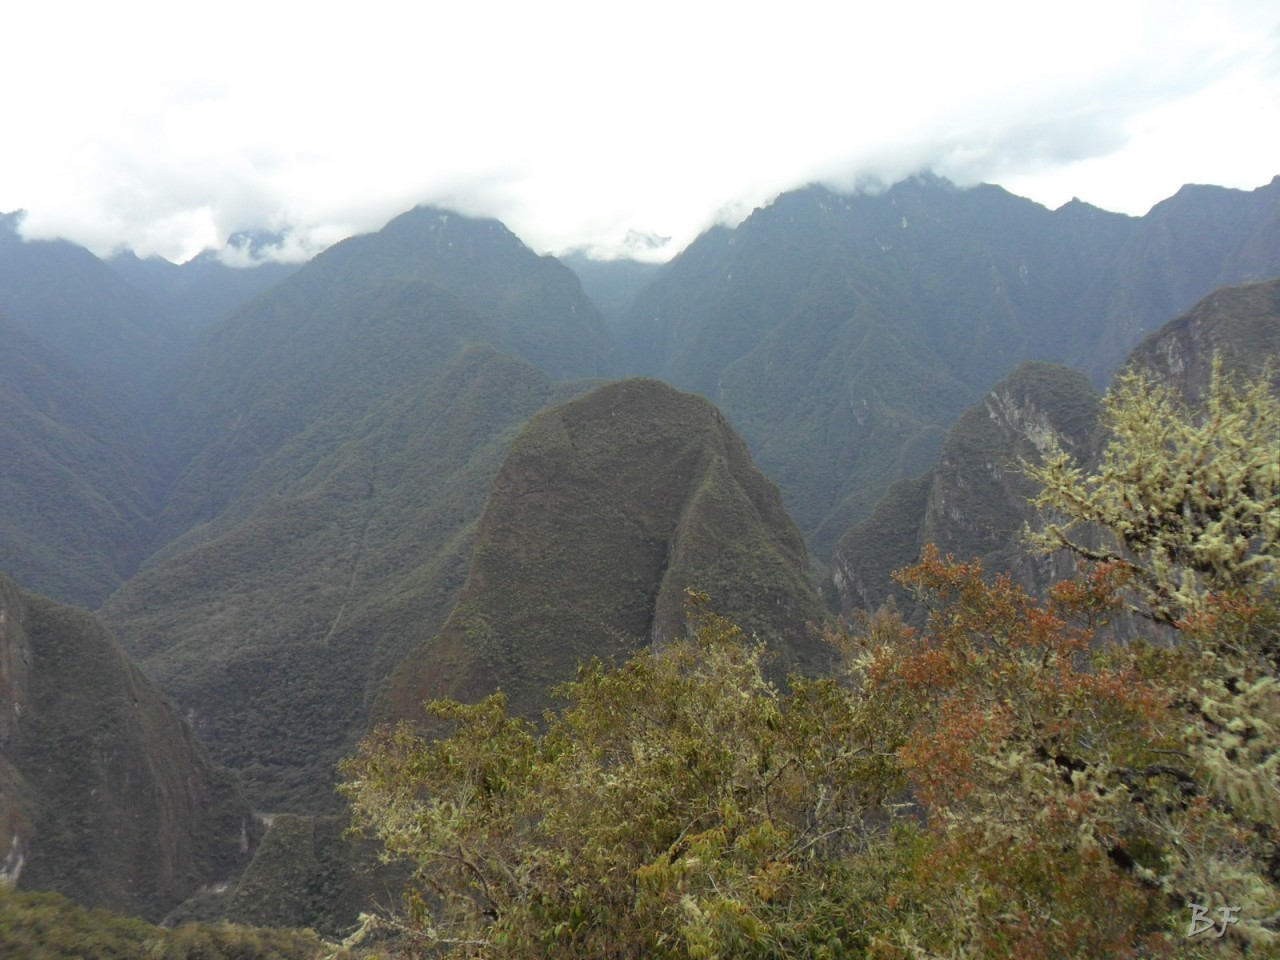 Mura-Poligonali-Incisioni-Altari-Edifici-Rupestri-Megaliti-Machu-Picchu-Aguas-Calientes-Urubamba-Cusco-Perù-66